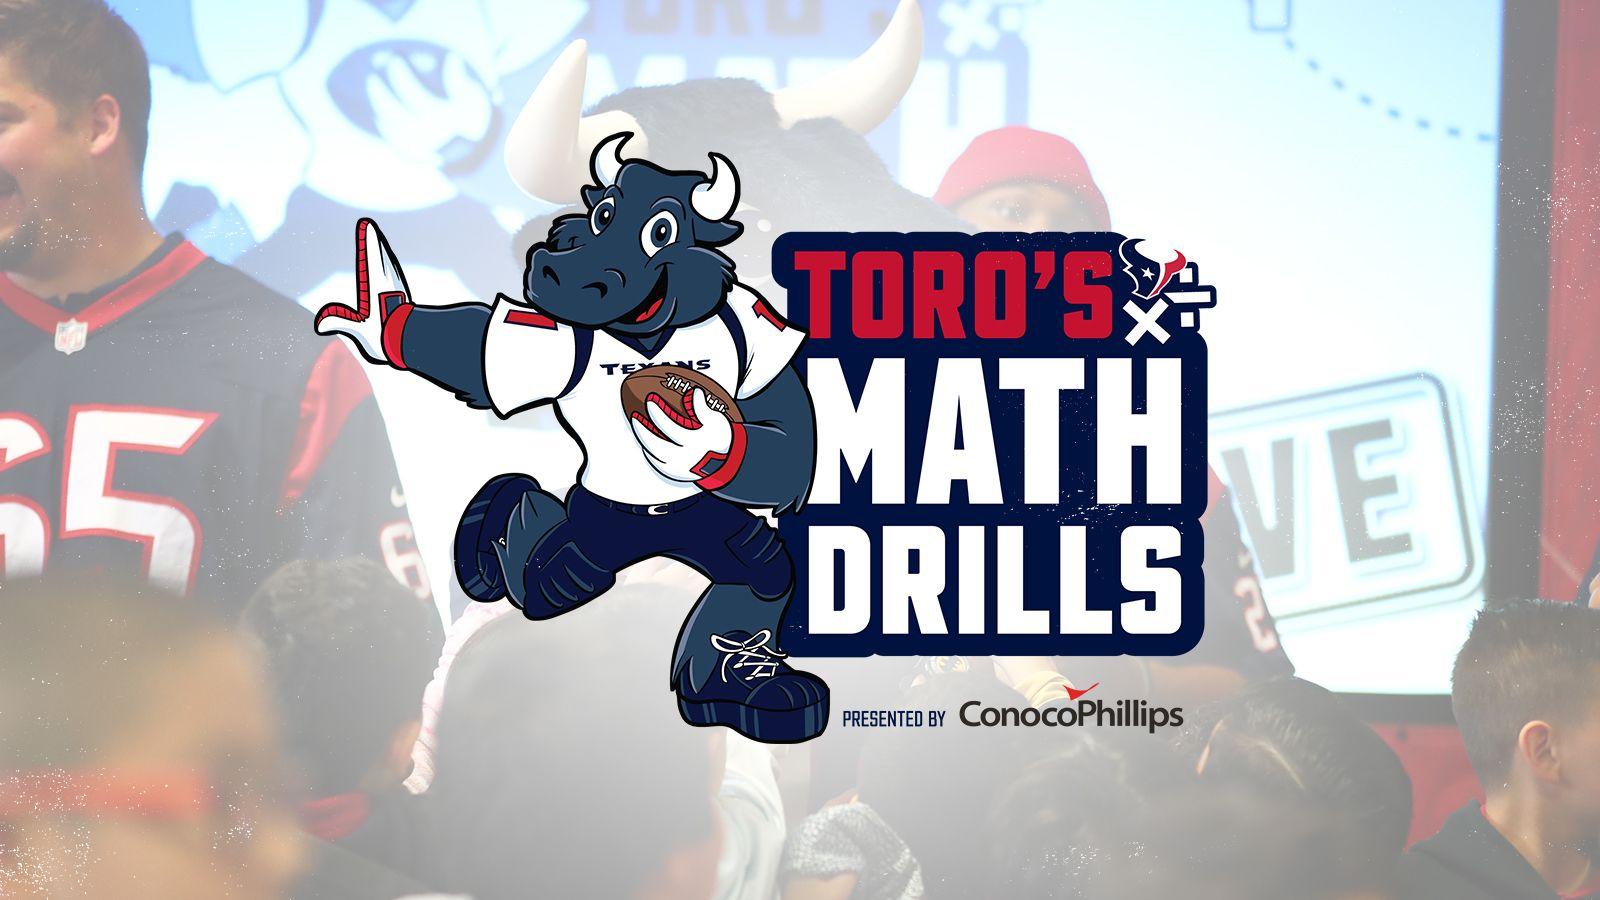 TORO's Math Drills presented by Conoco Phillips